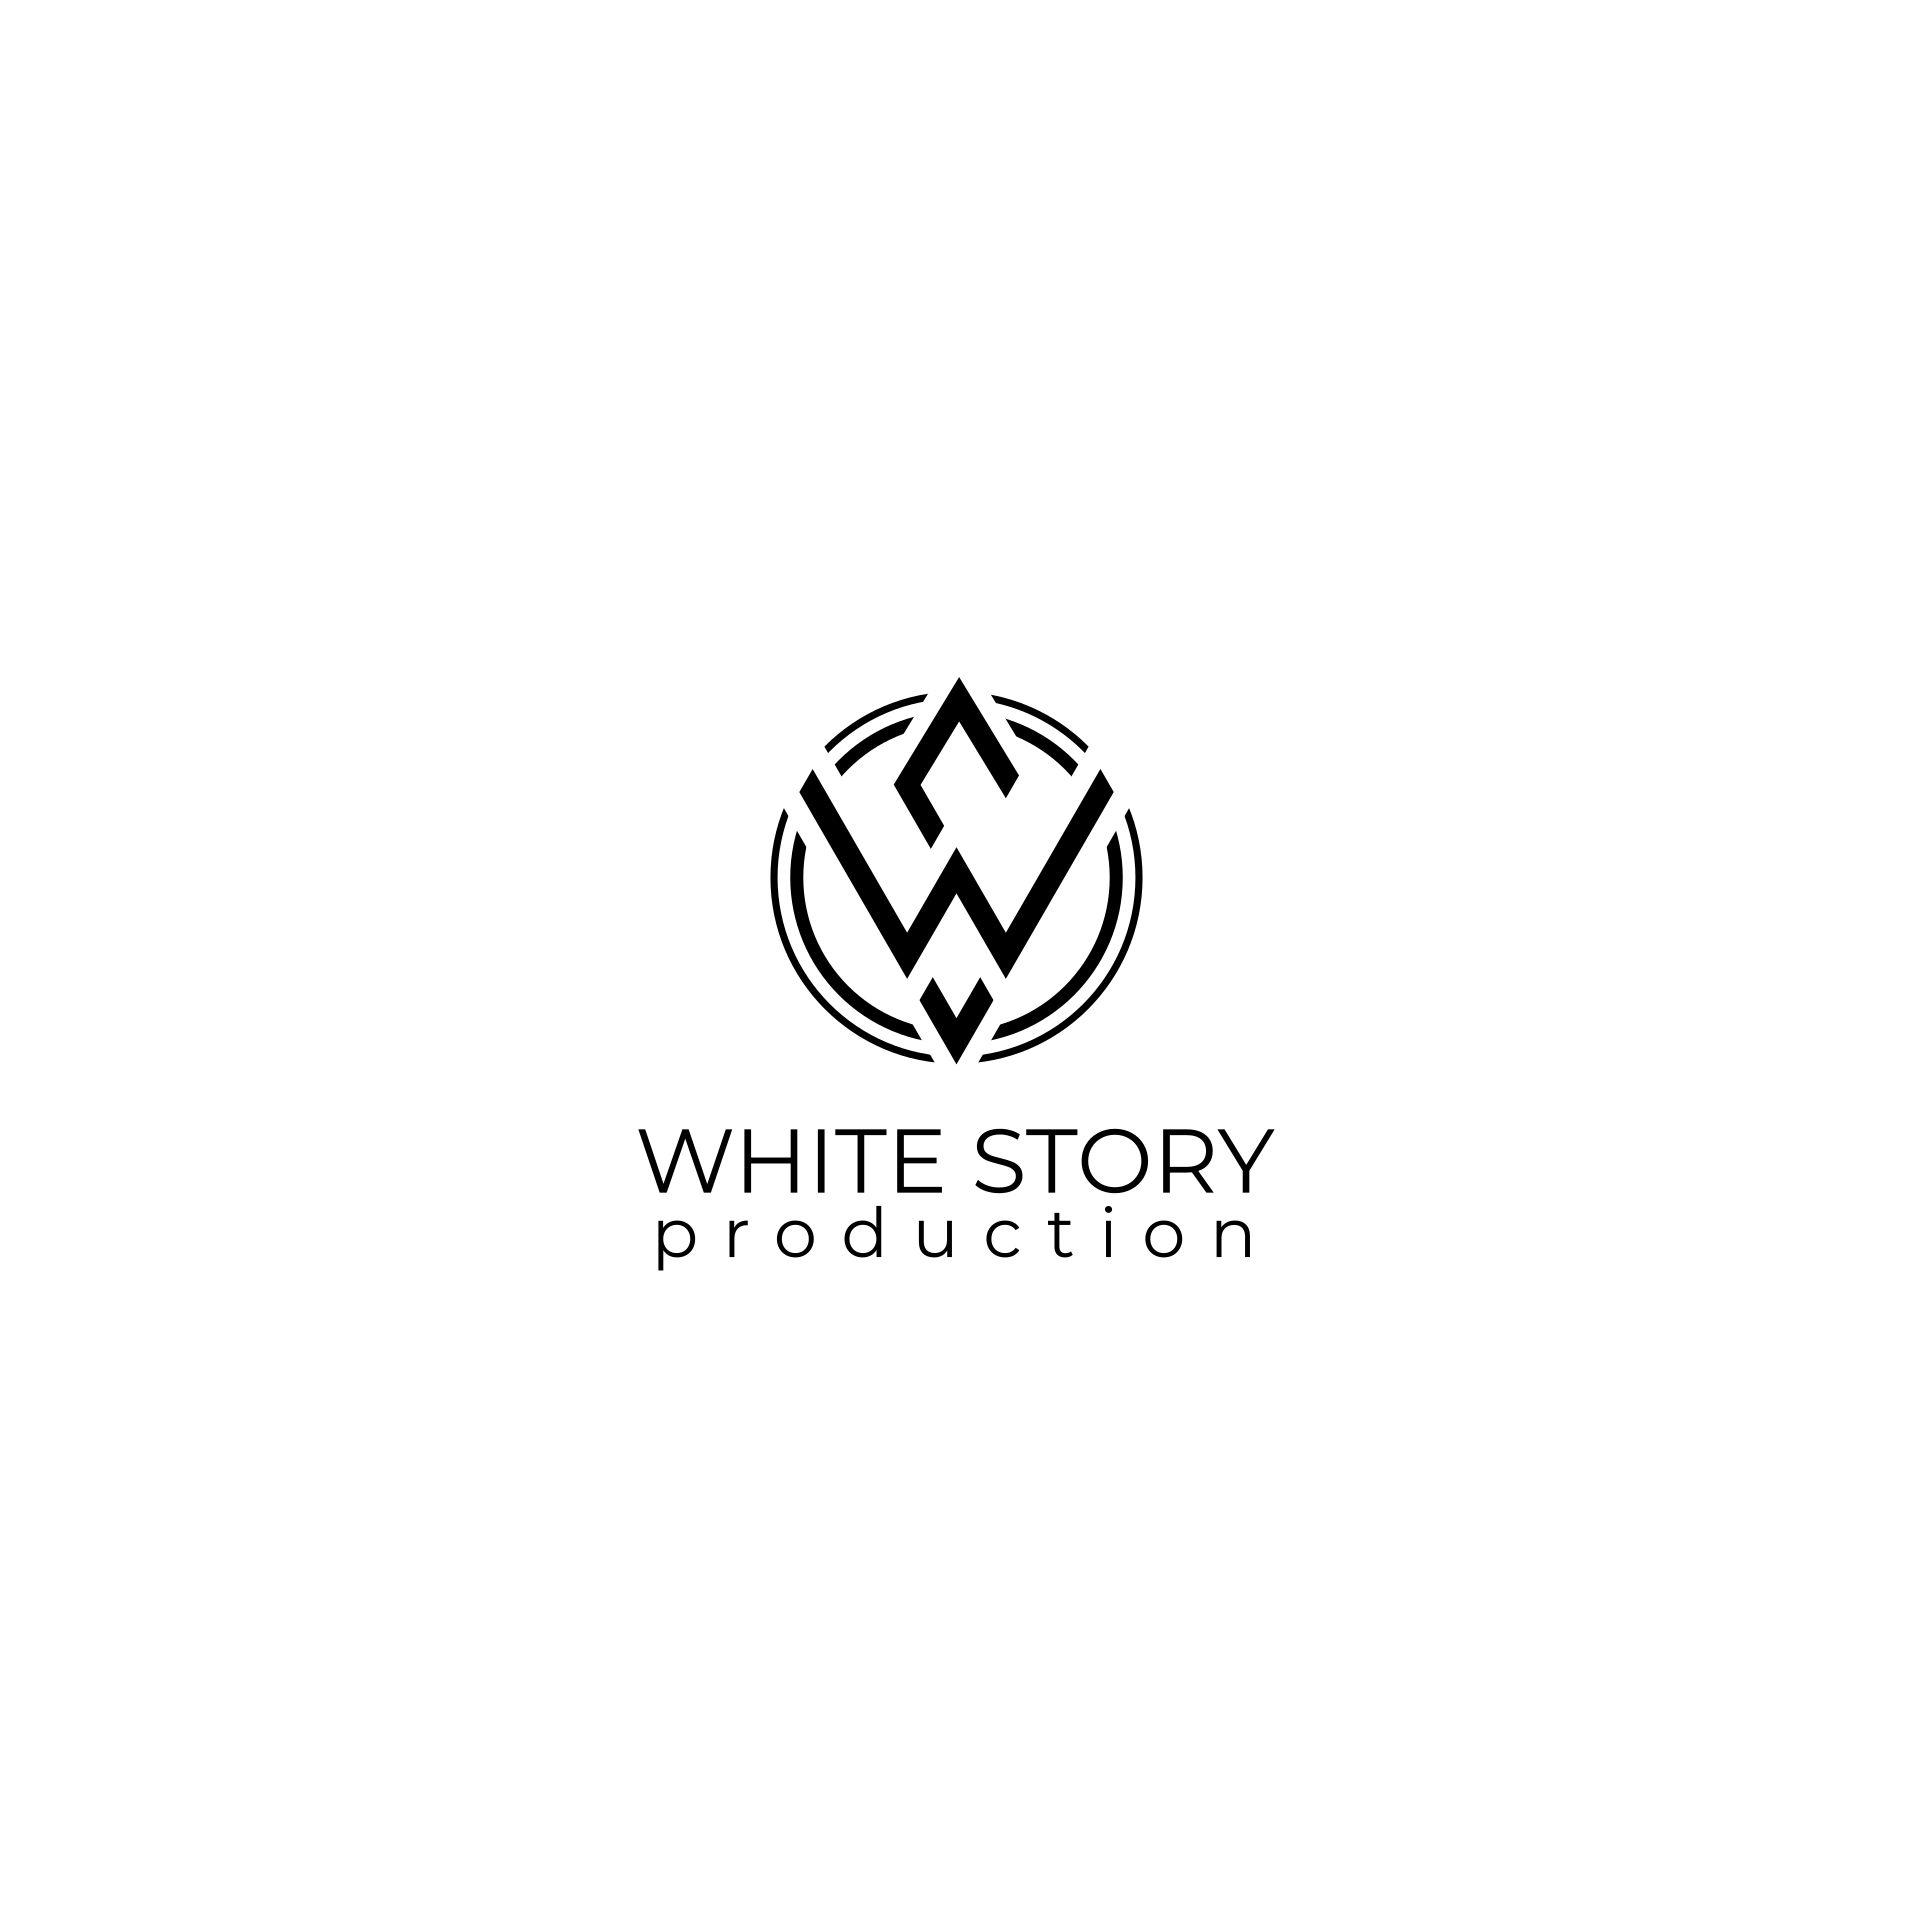 Логотип для Логотип для Фото и Видео продакшена - дизайнер Daniel_Fedorov